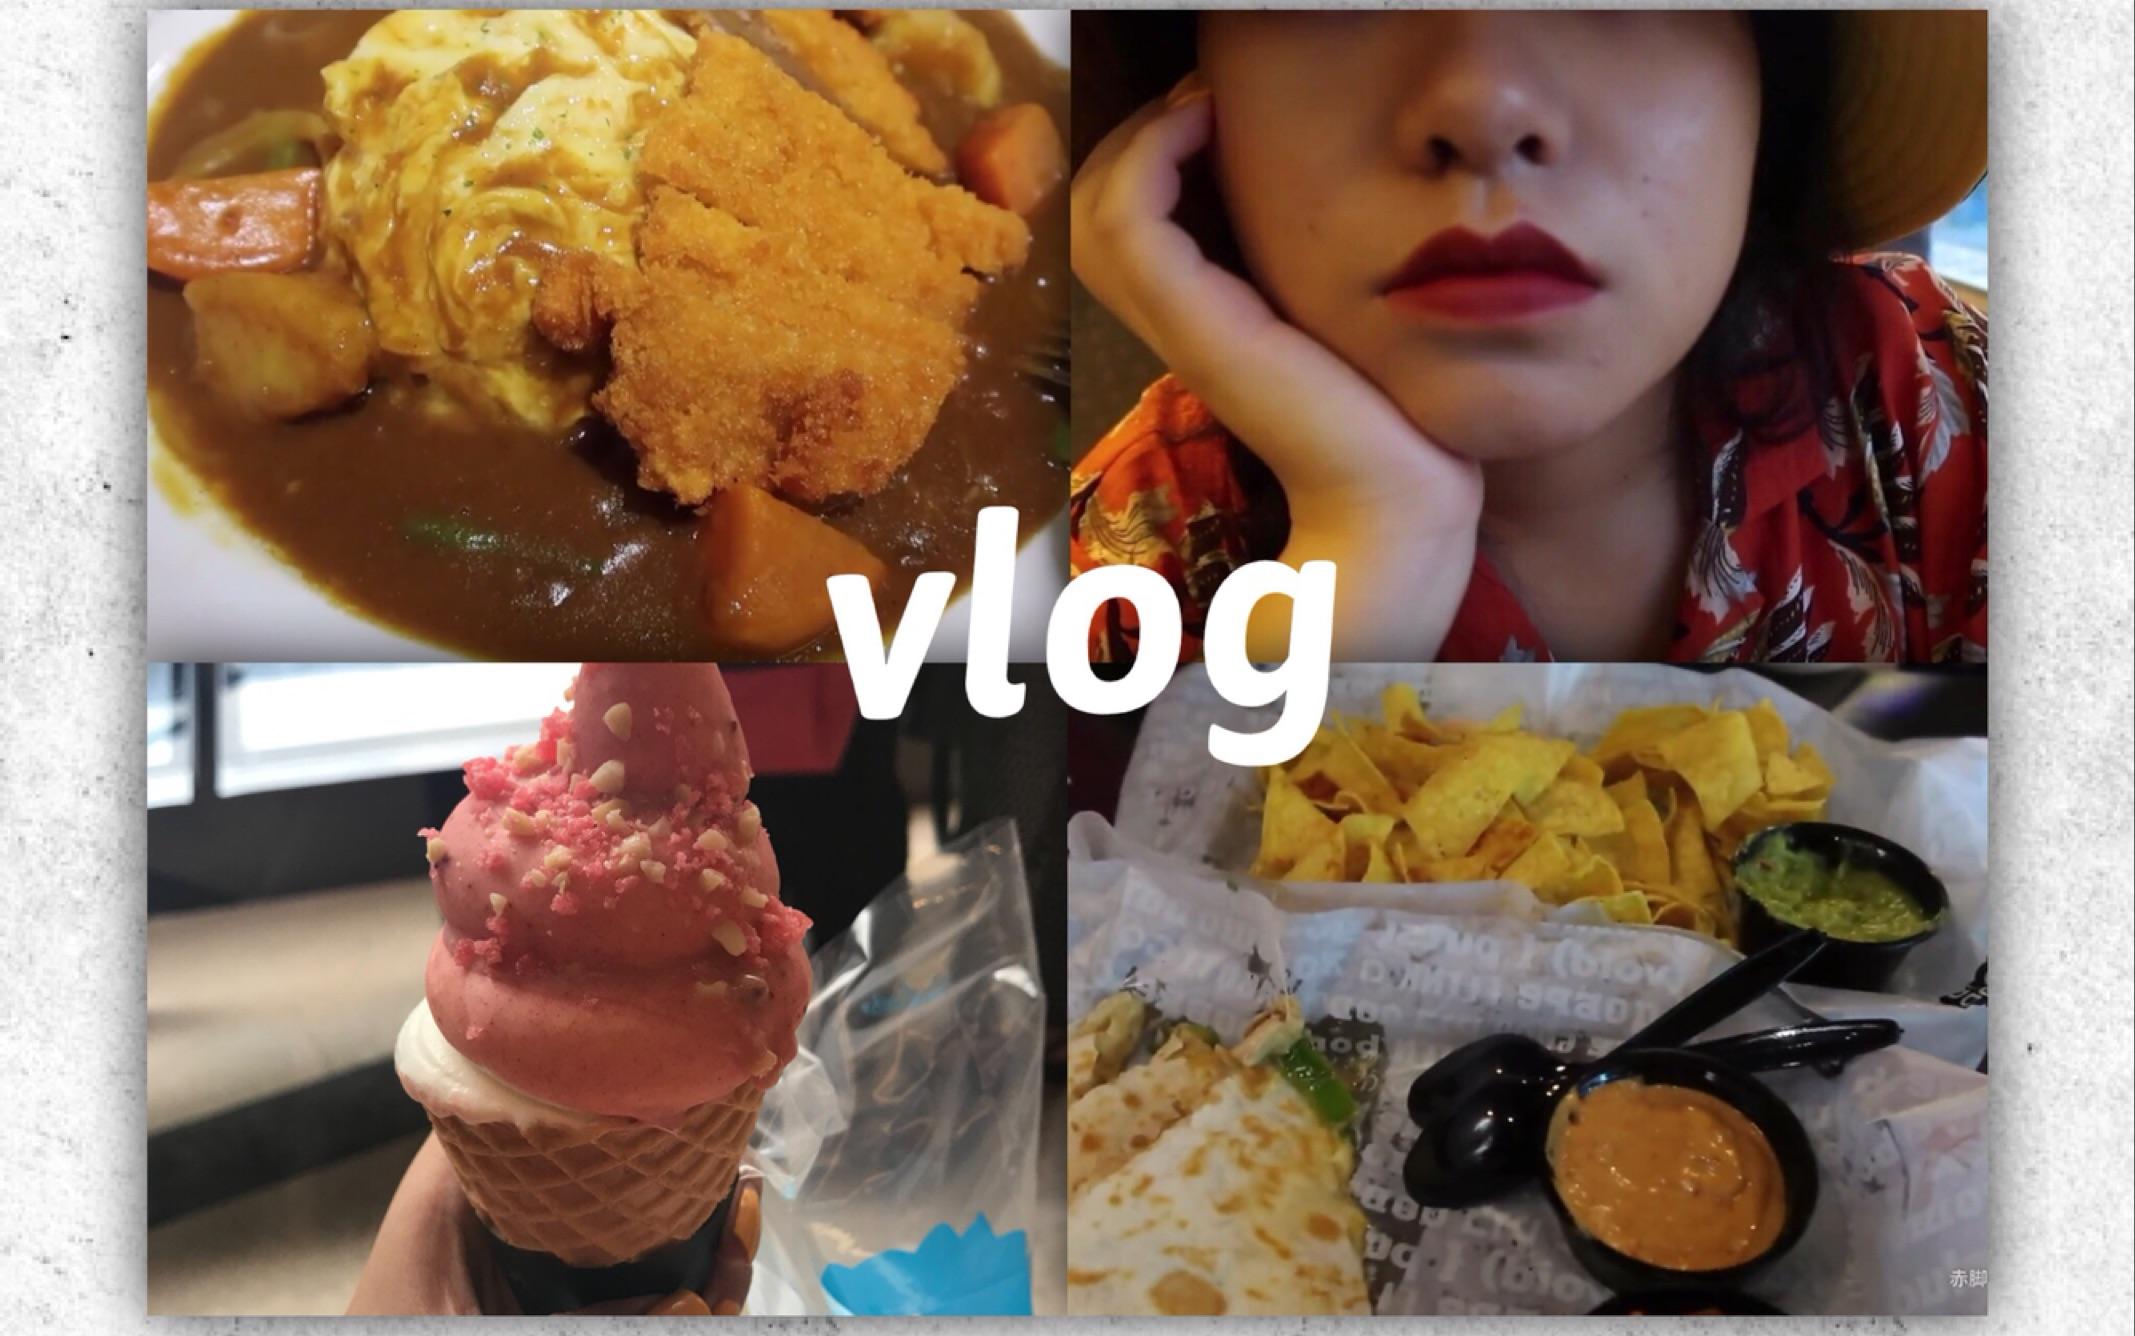 【老妪】vlog#02 日常生活 一人食 辣咖喱猪排蛋包饭 成都网红餐厅 墨西哥菜 网红冰淇淋 见朋友 